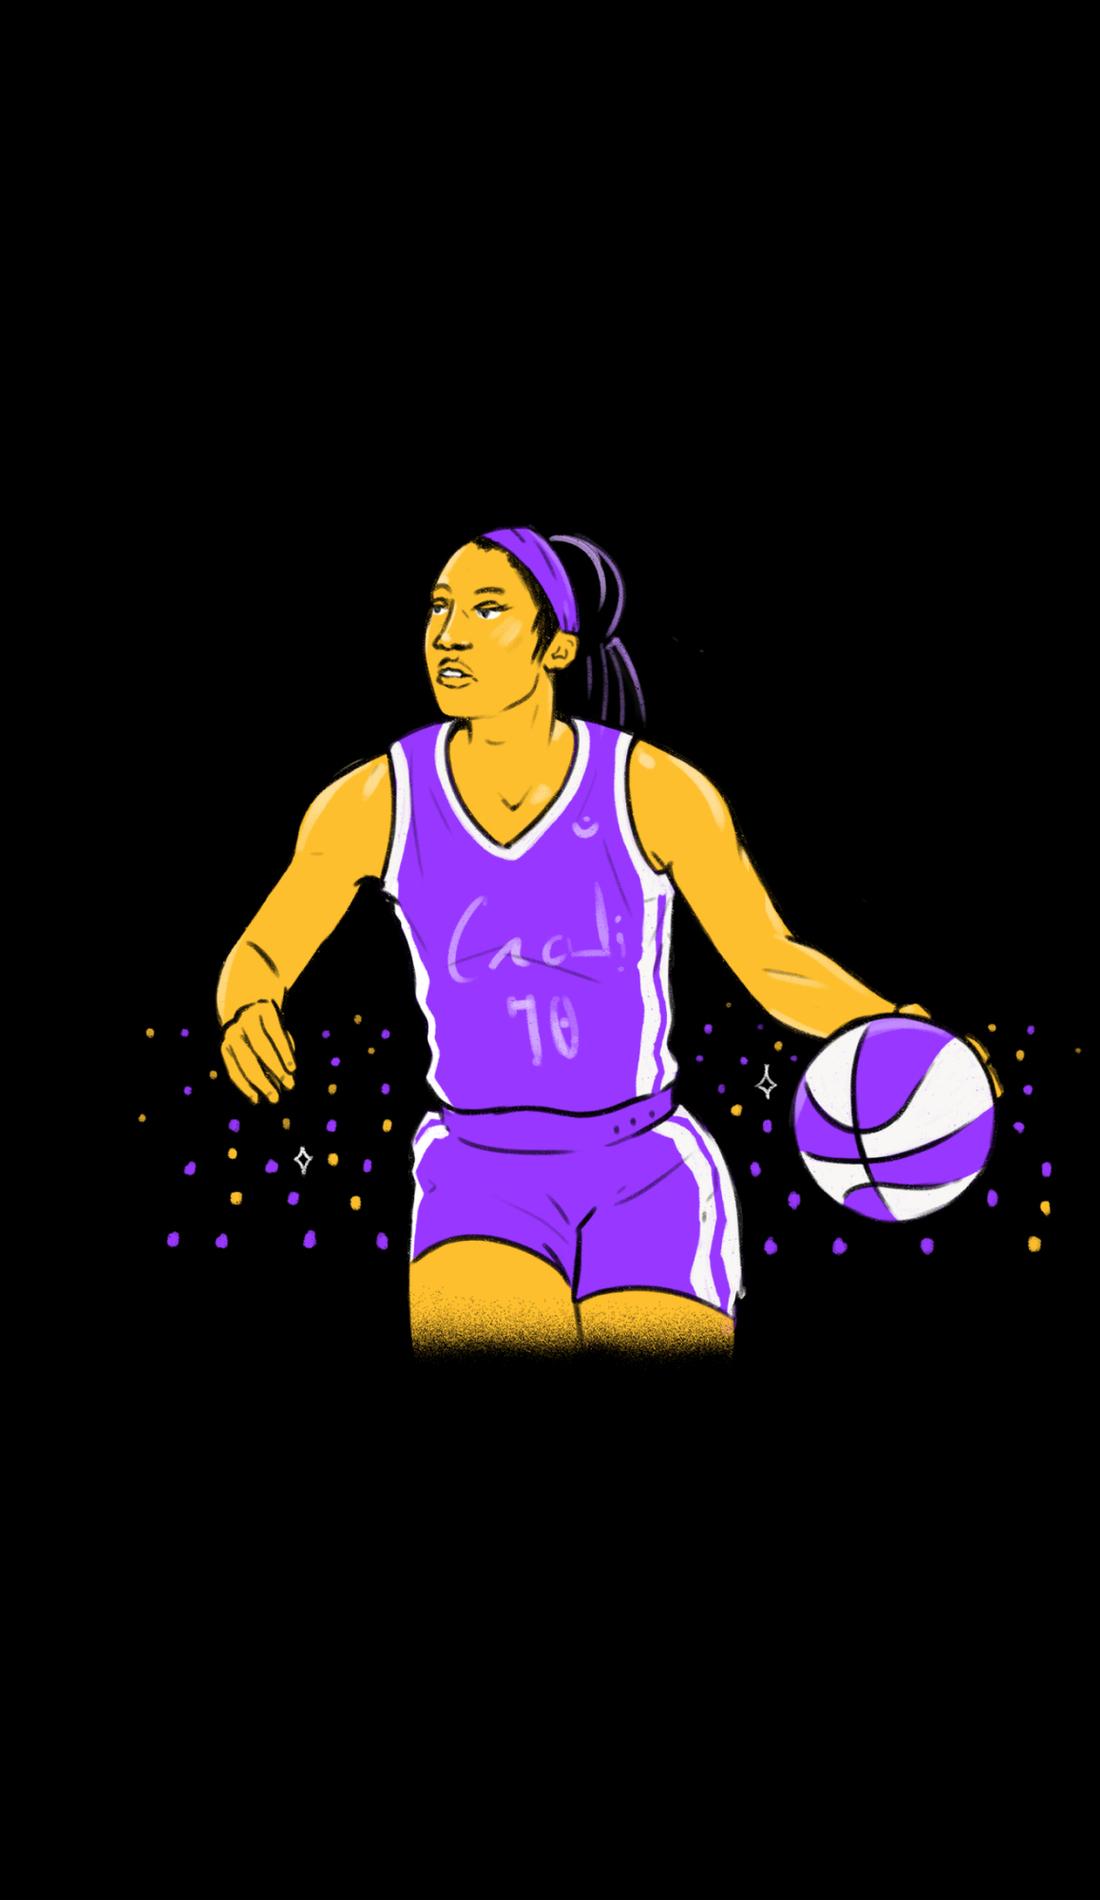 A Minnesota Golden Gophers Womens Basketball live event